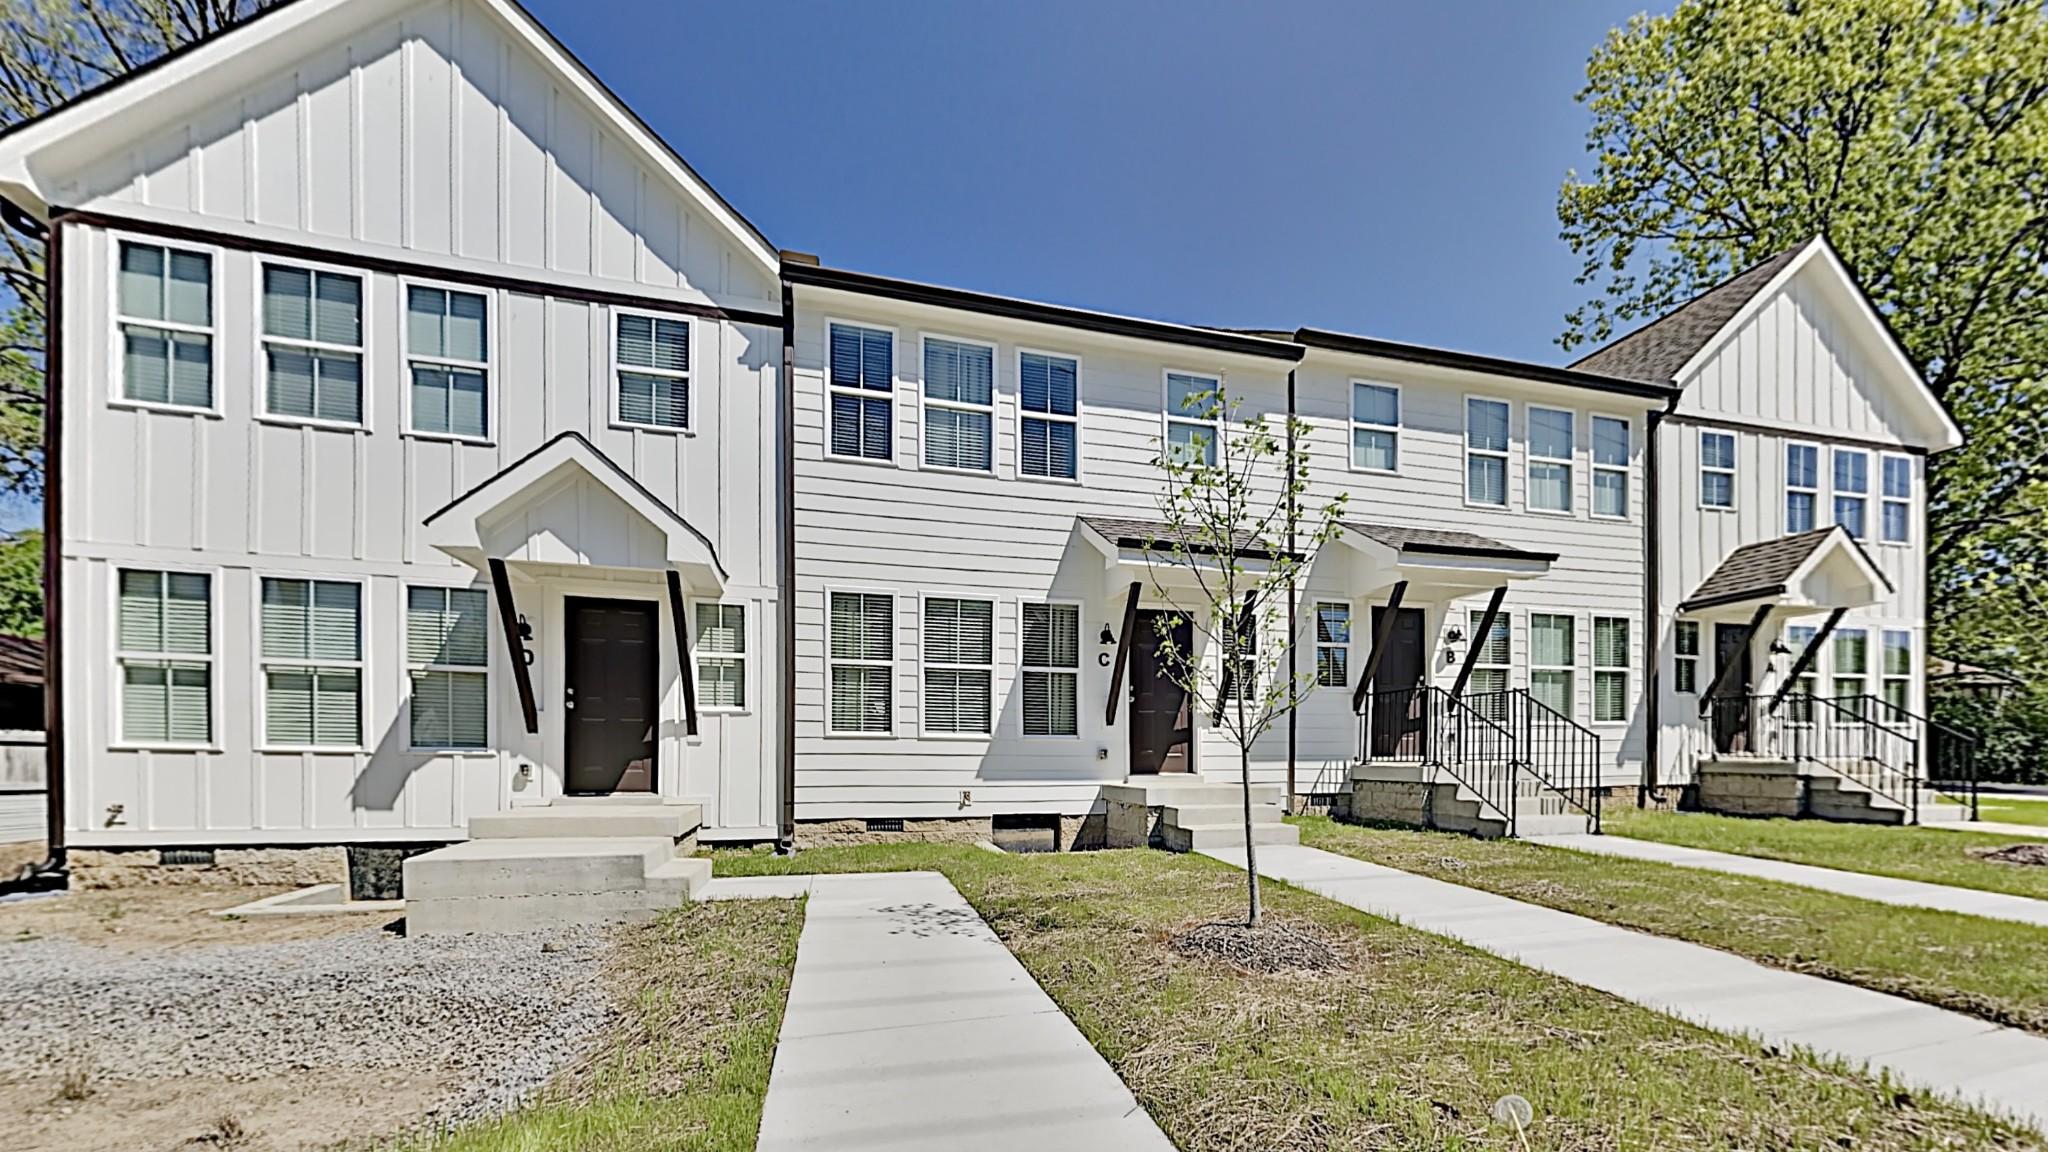 309 Myatt Drive Real Estate Listings Main Image